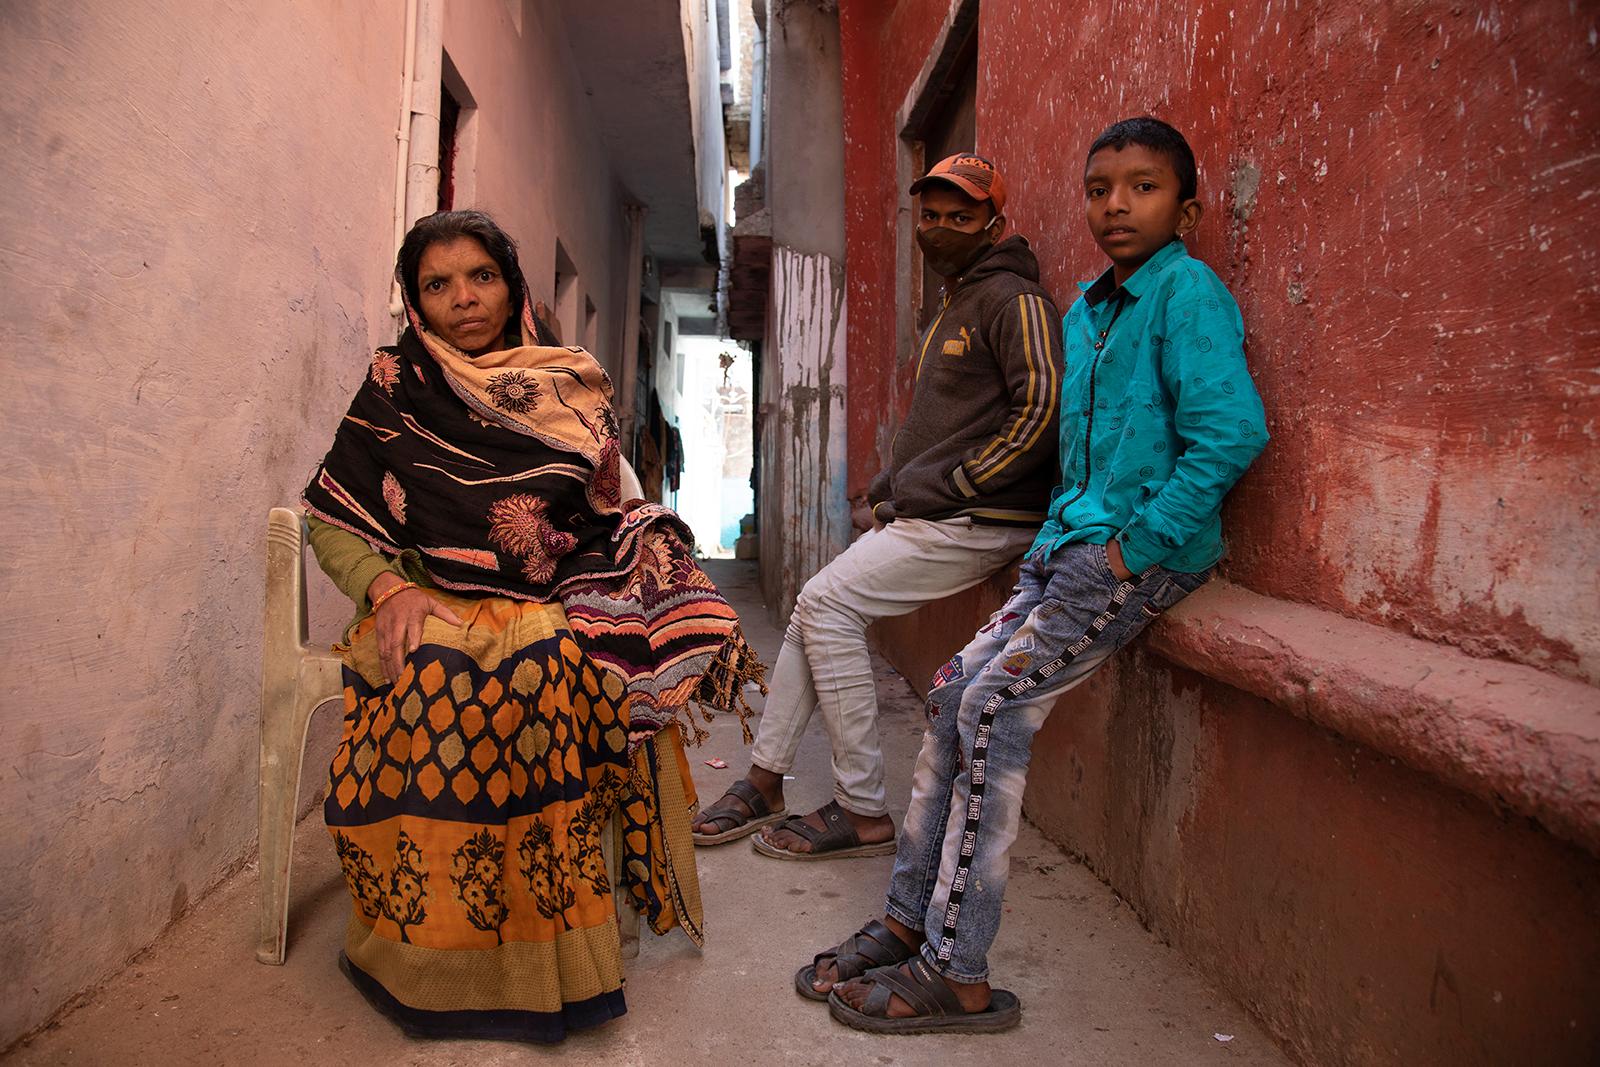 210214223052 02 india vaccine trials ethics